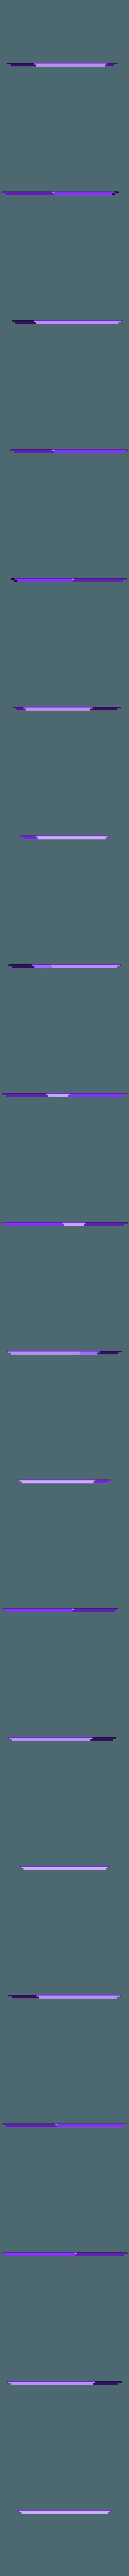 pokedex_adjusted2_ScreenPlate_1_3.stl Télécharger fichier STL gratuit Pokedex • Modèle pour impression 3D, reakain